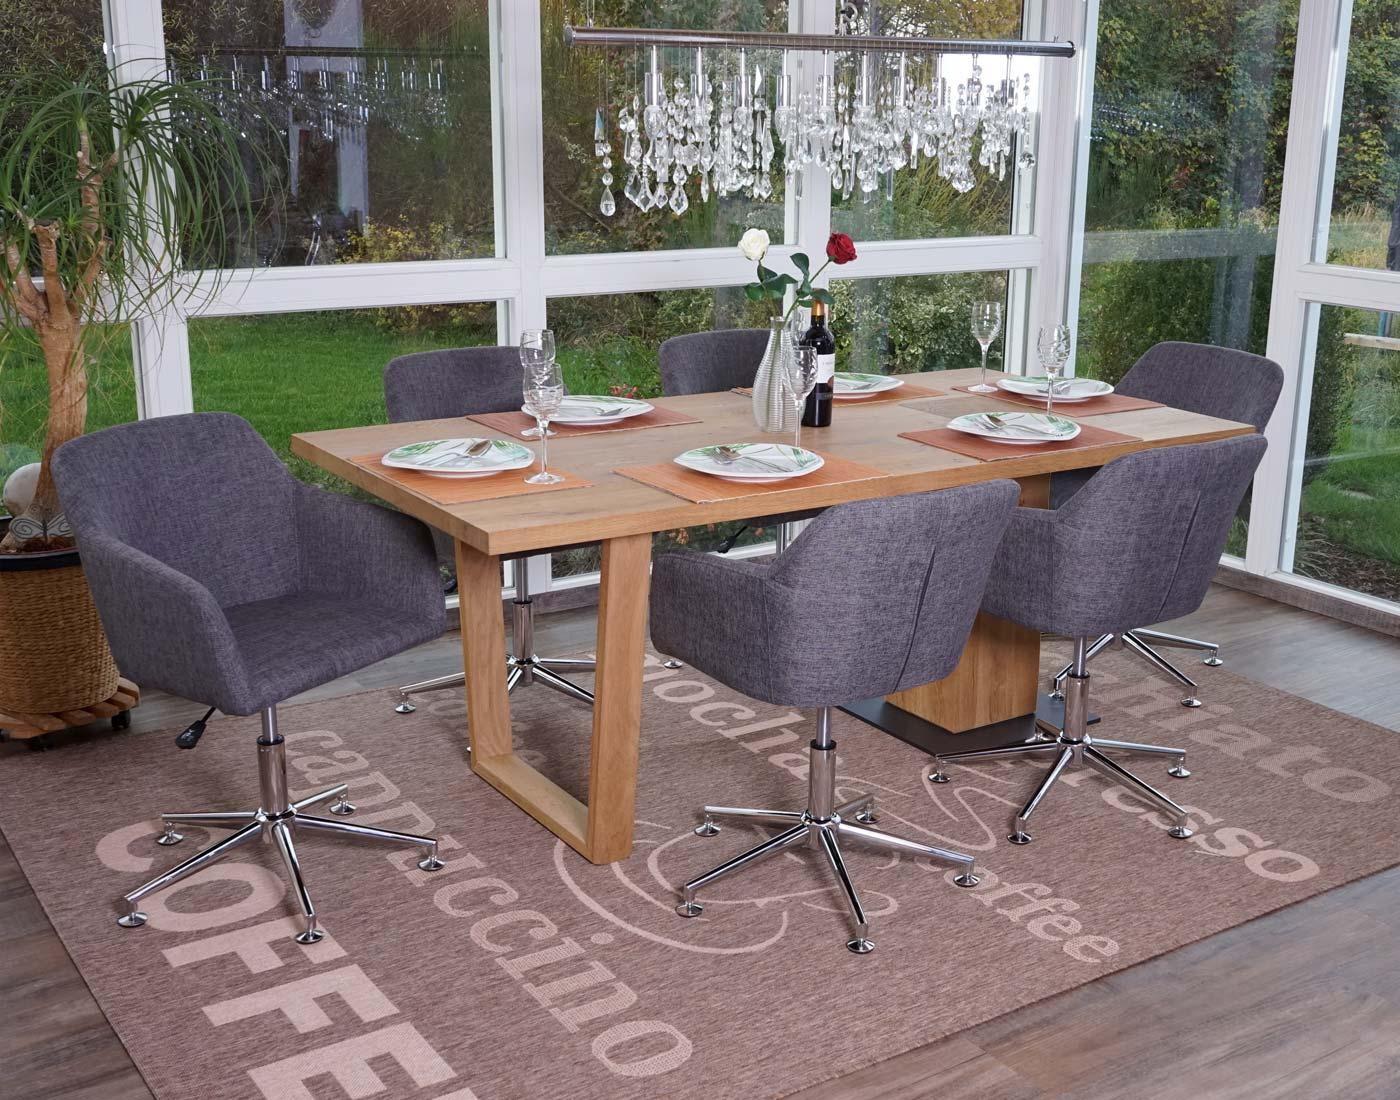 6x esszimmerstuhl hwc a74 drehstuhl loungesessel. Black Bedroom Furniture Sets. Home Design Ideas